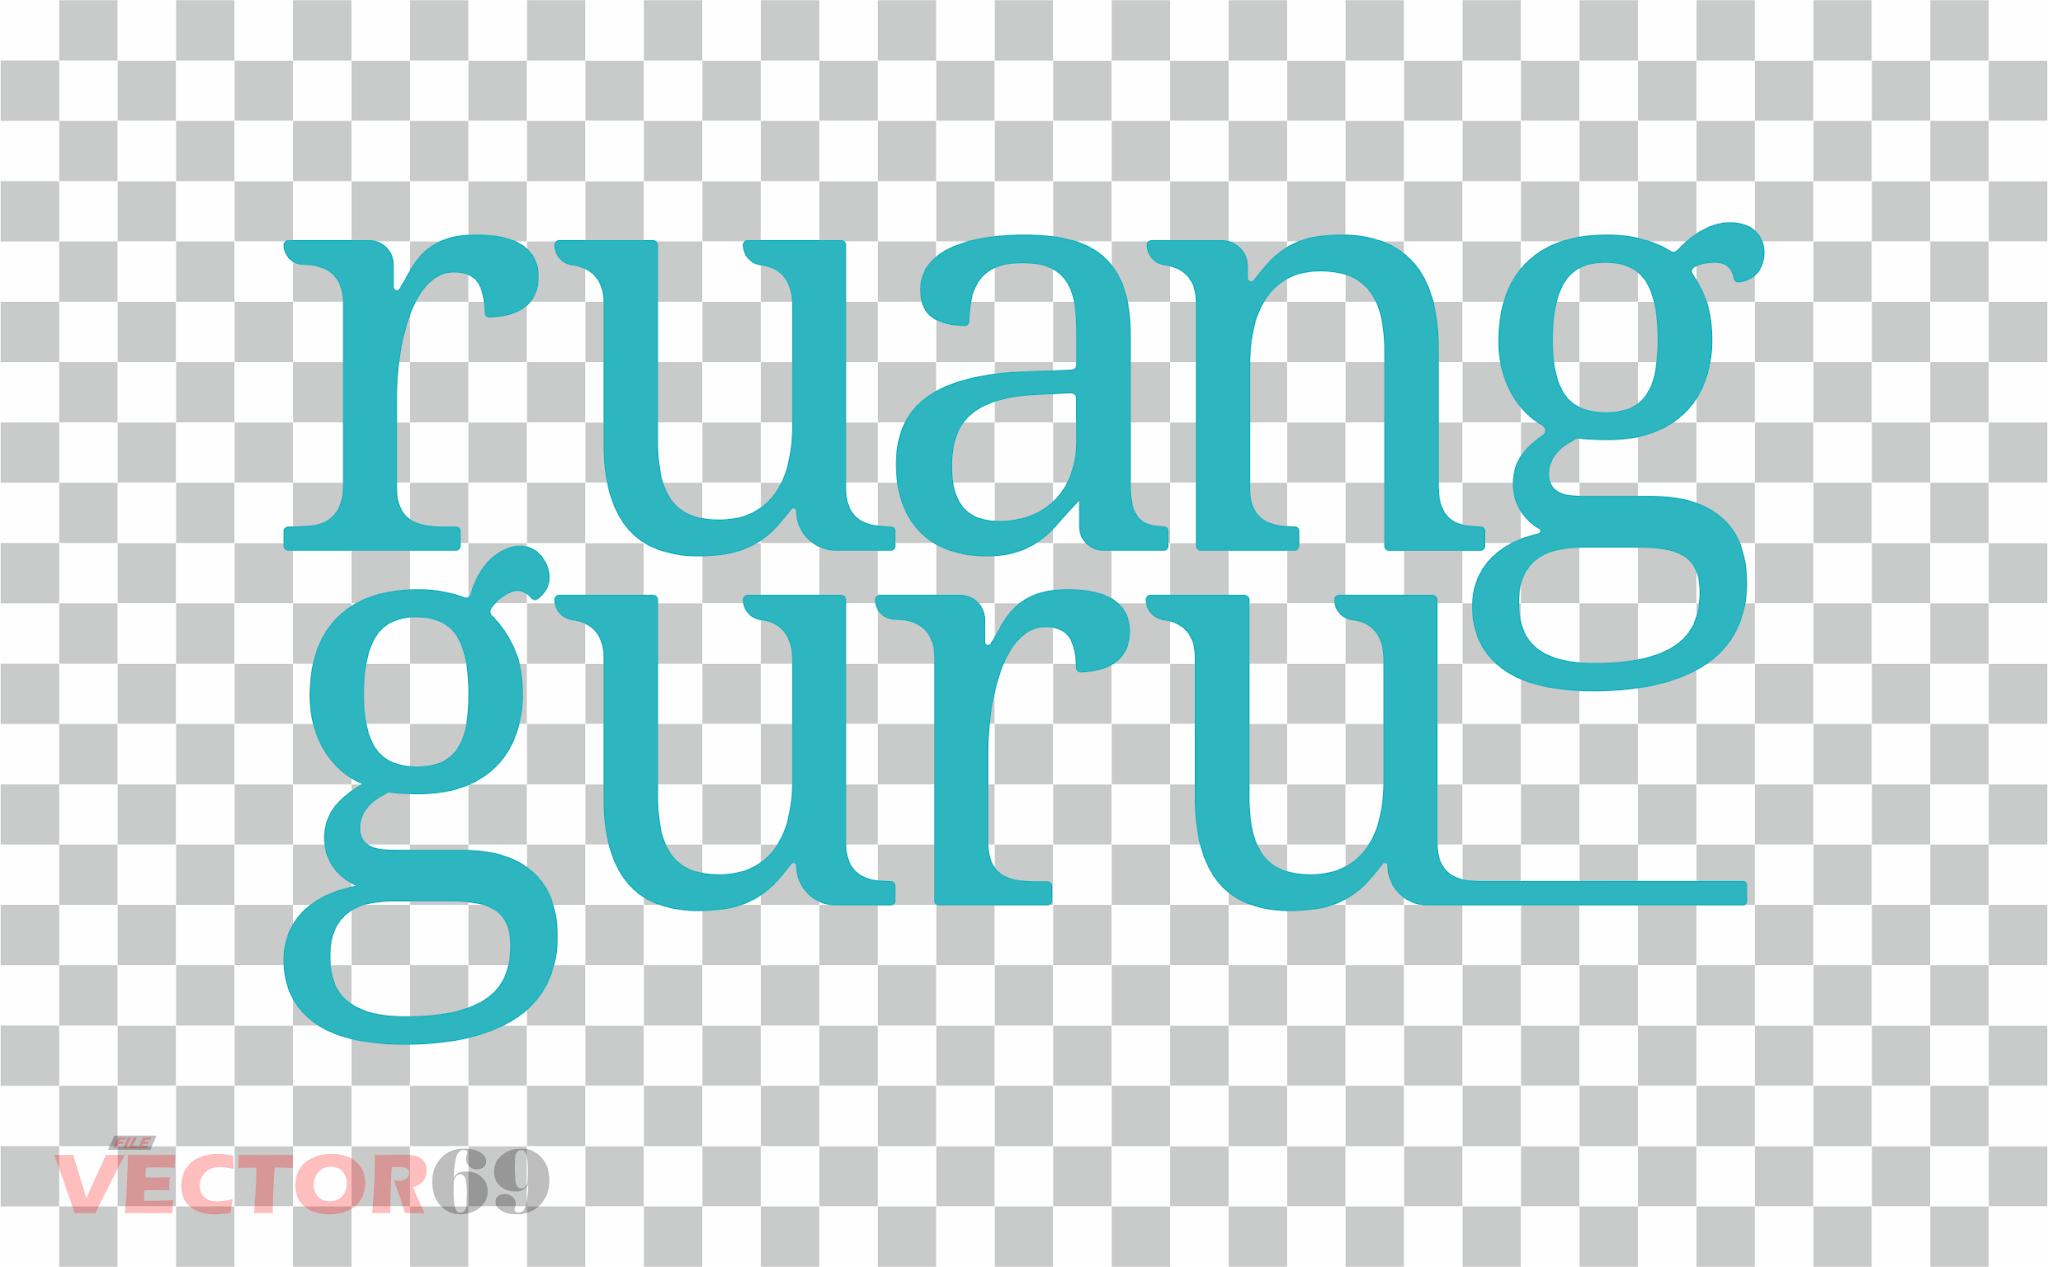 Ruangguru Logo - Download Vector File PNG (Portable Network Graphics)